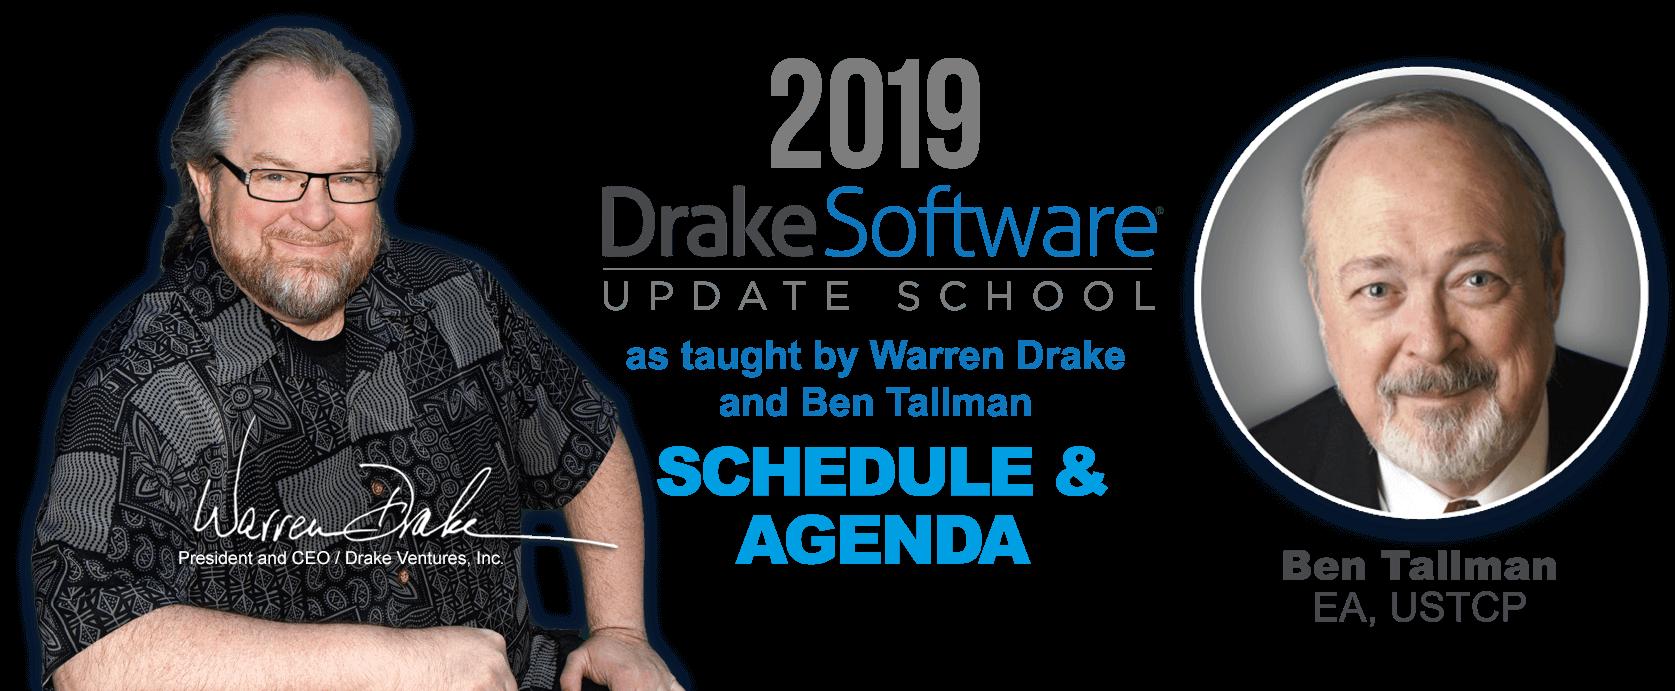 Update Schools - Drake Ventures Incorporated